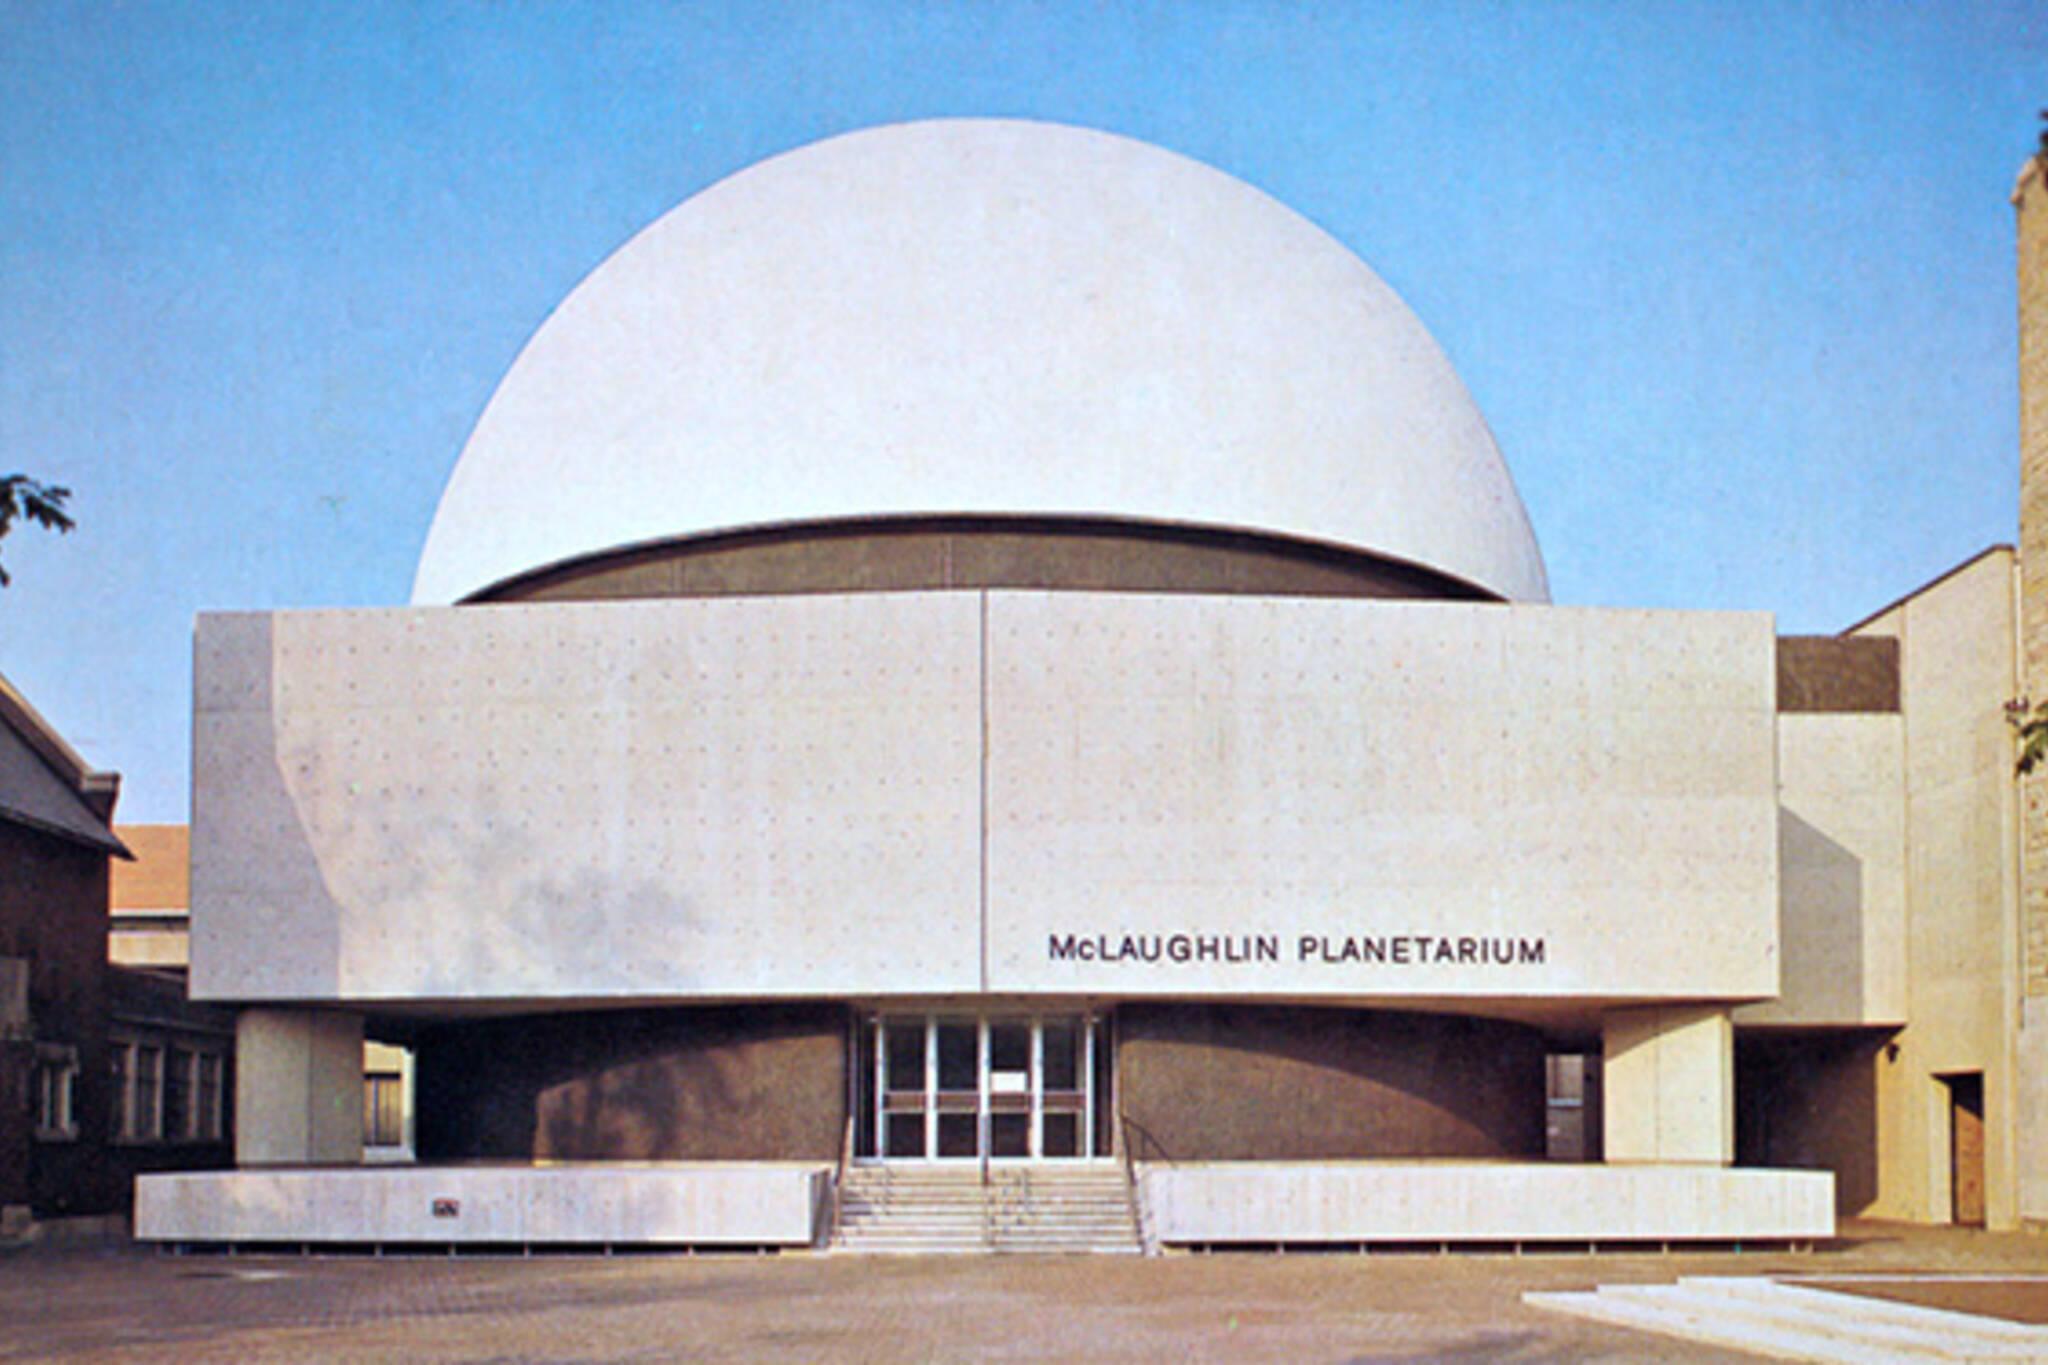 McLuaghlin Planetarium